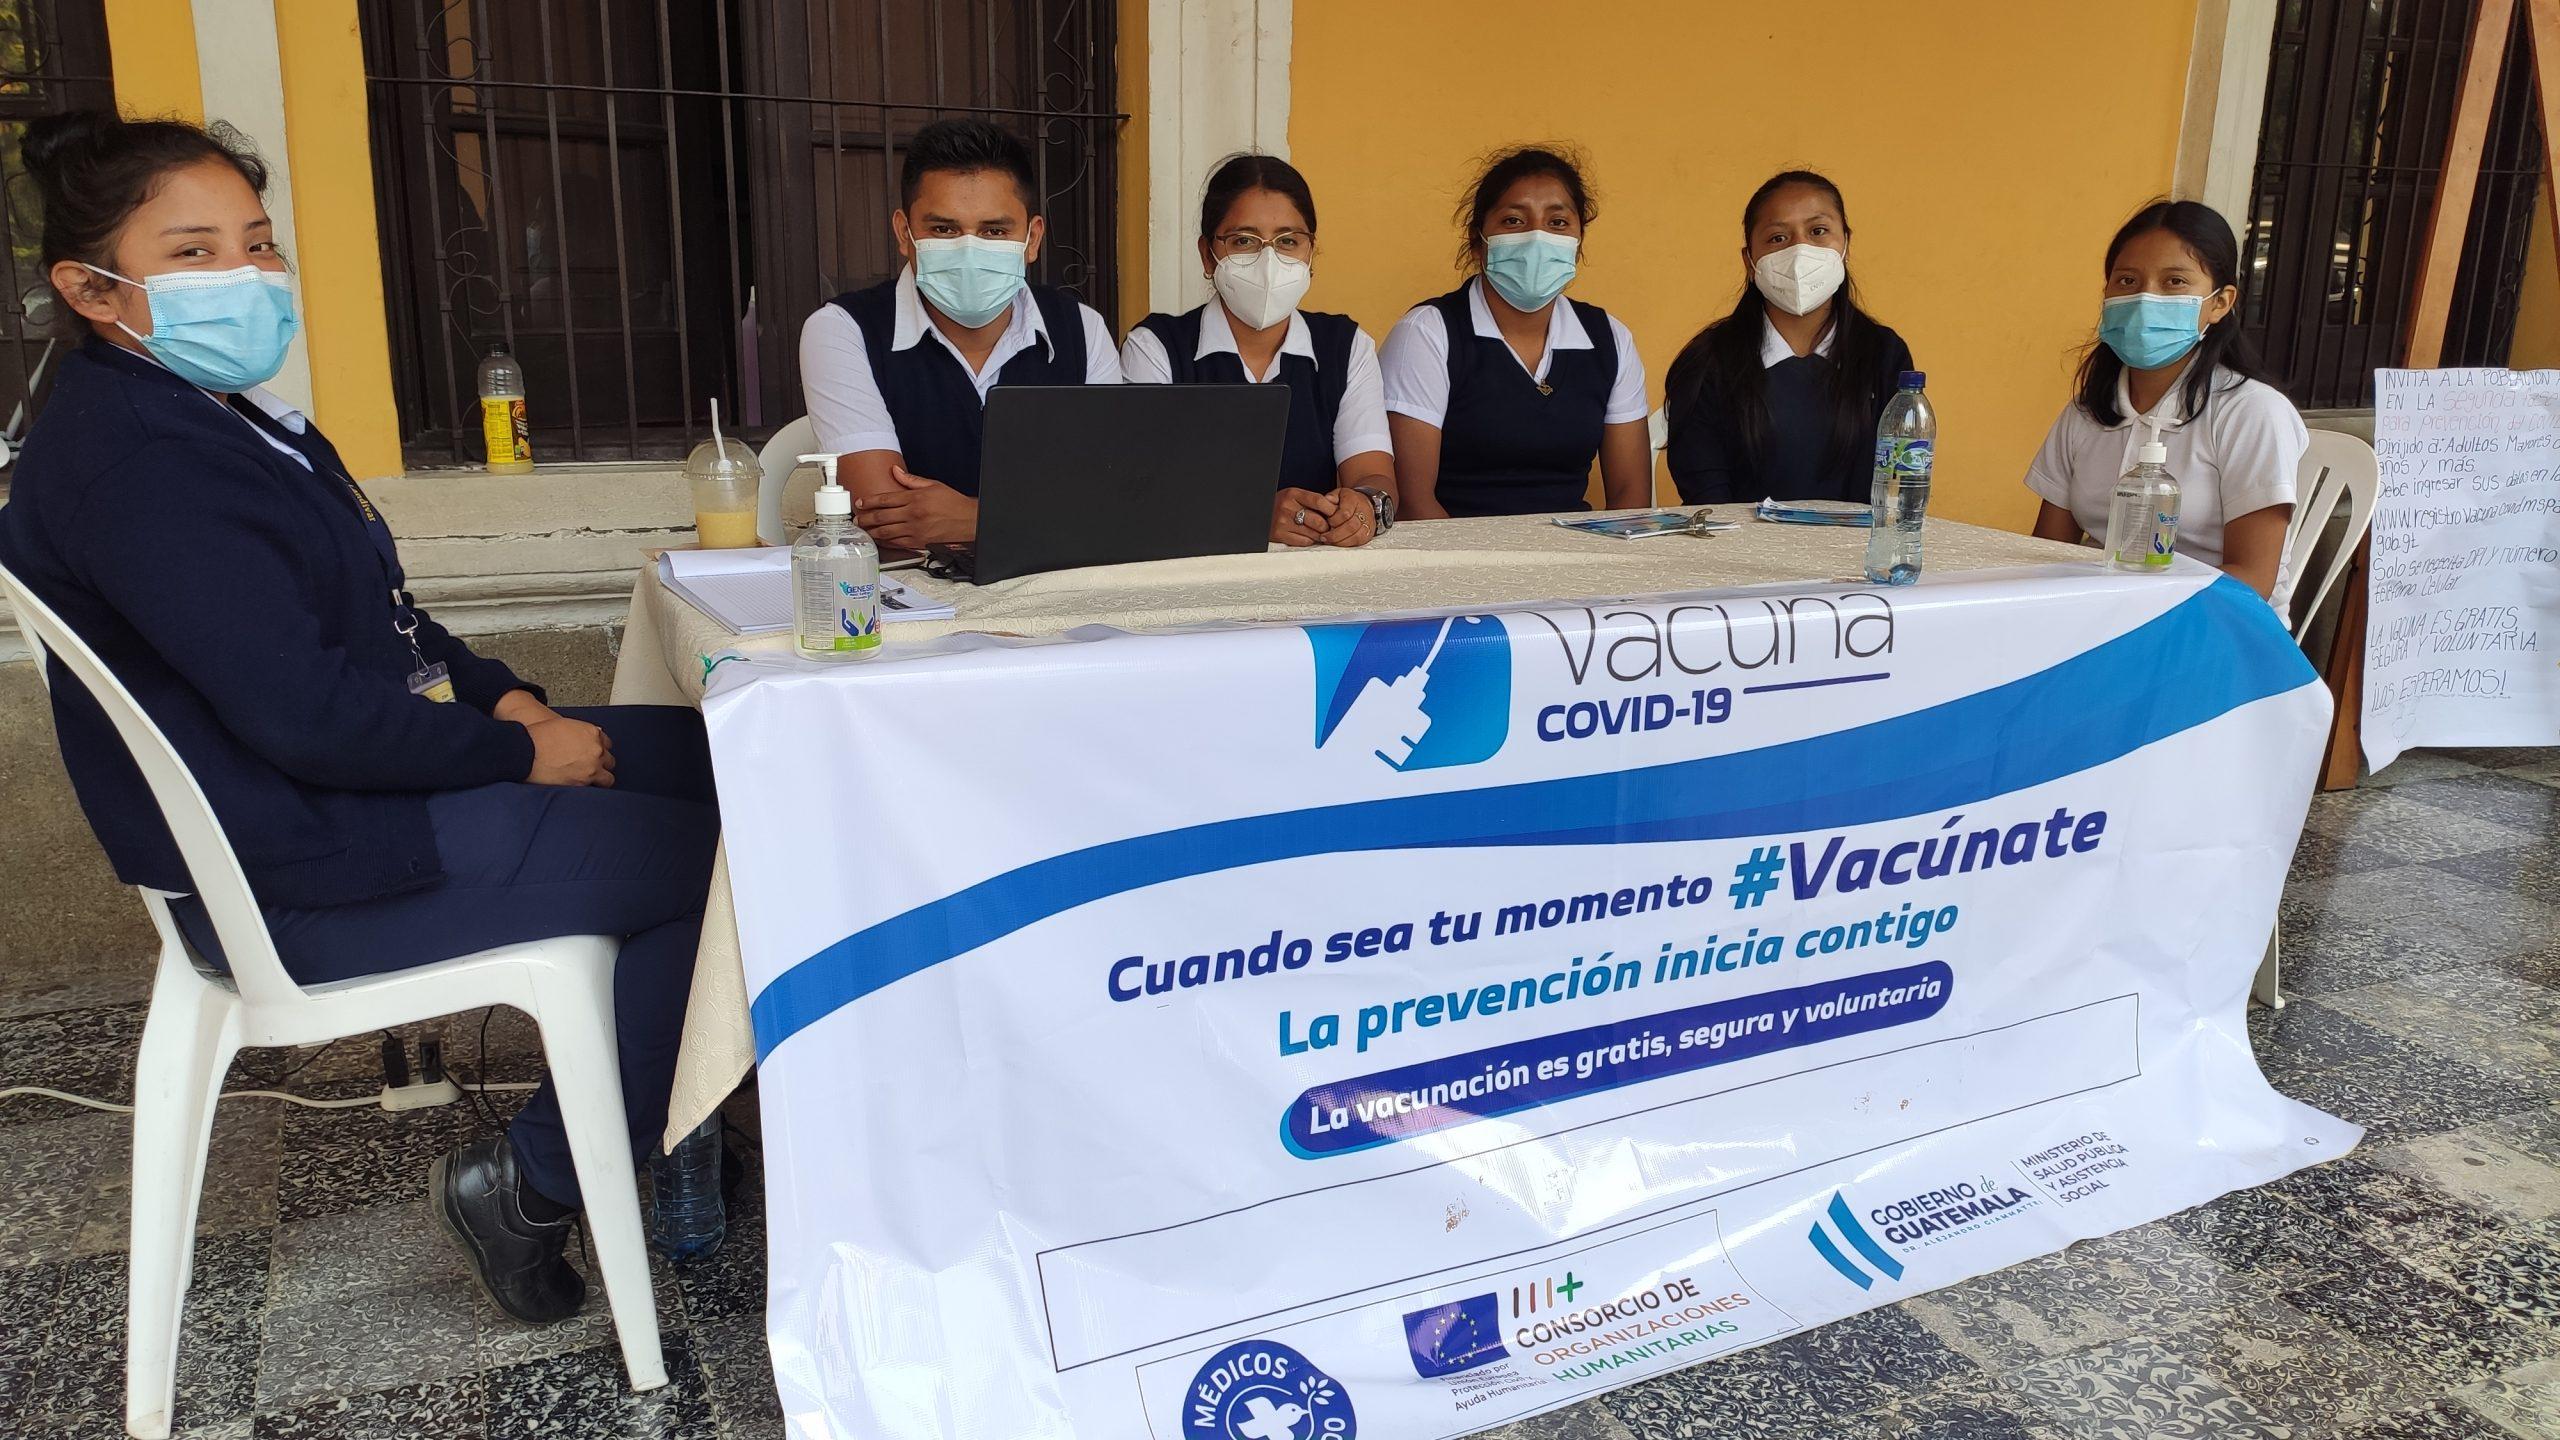 Estudiantes de enfermería de la Universidad Rafael Landivar, colocaron un quiosco en Alta Verapaz, para ayudar a personas mayores de 70 años, a inscribirse para la vacuna contra el COVID-19.